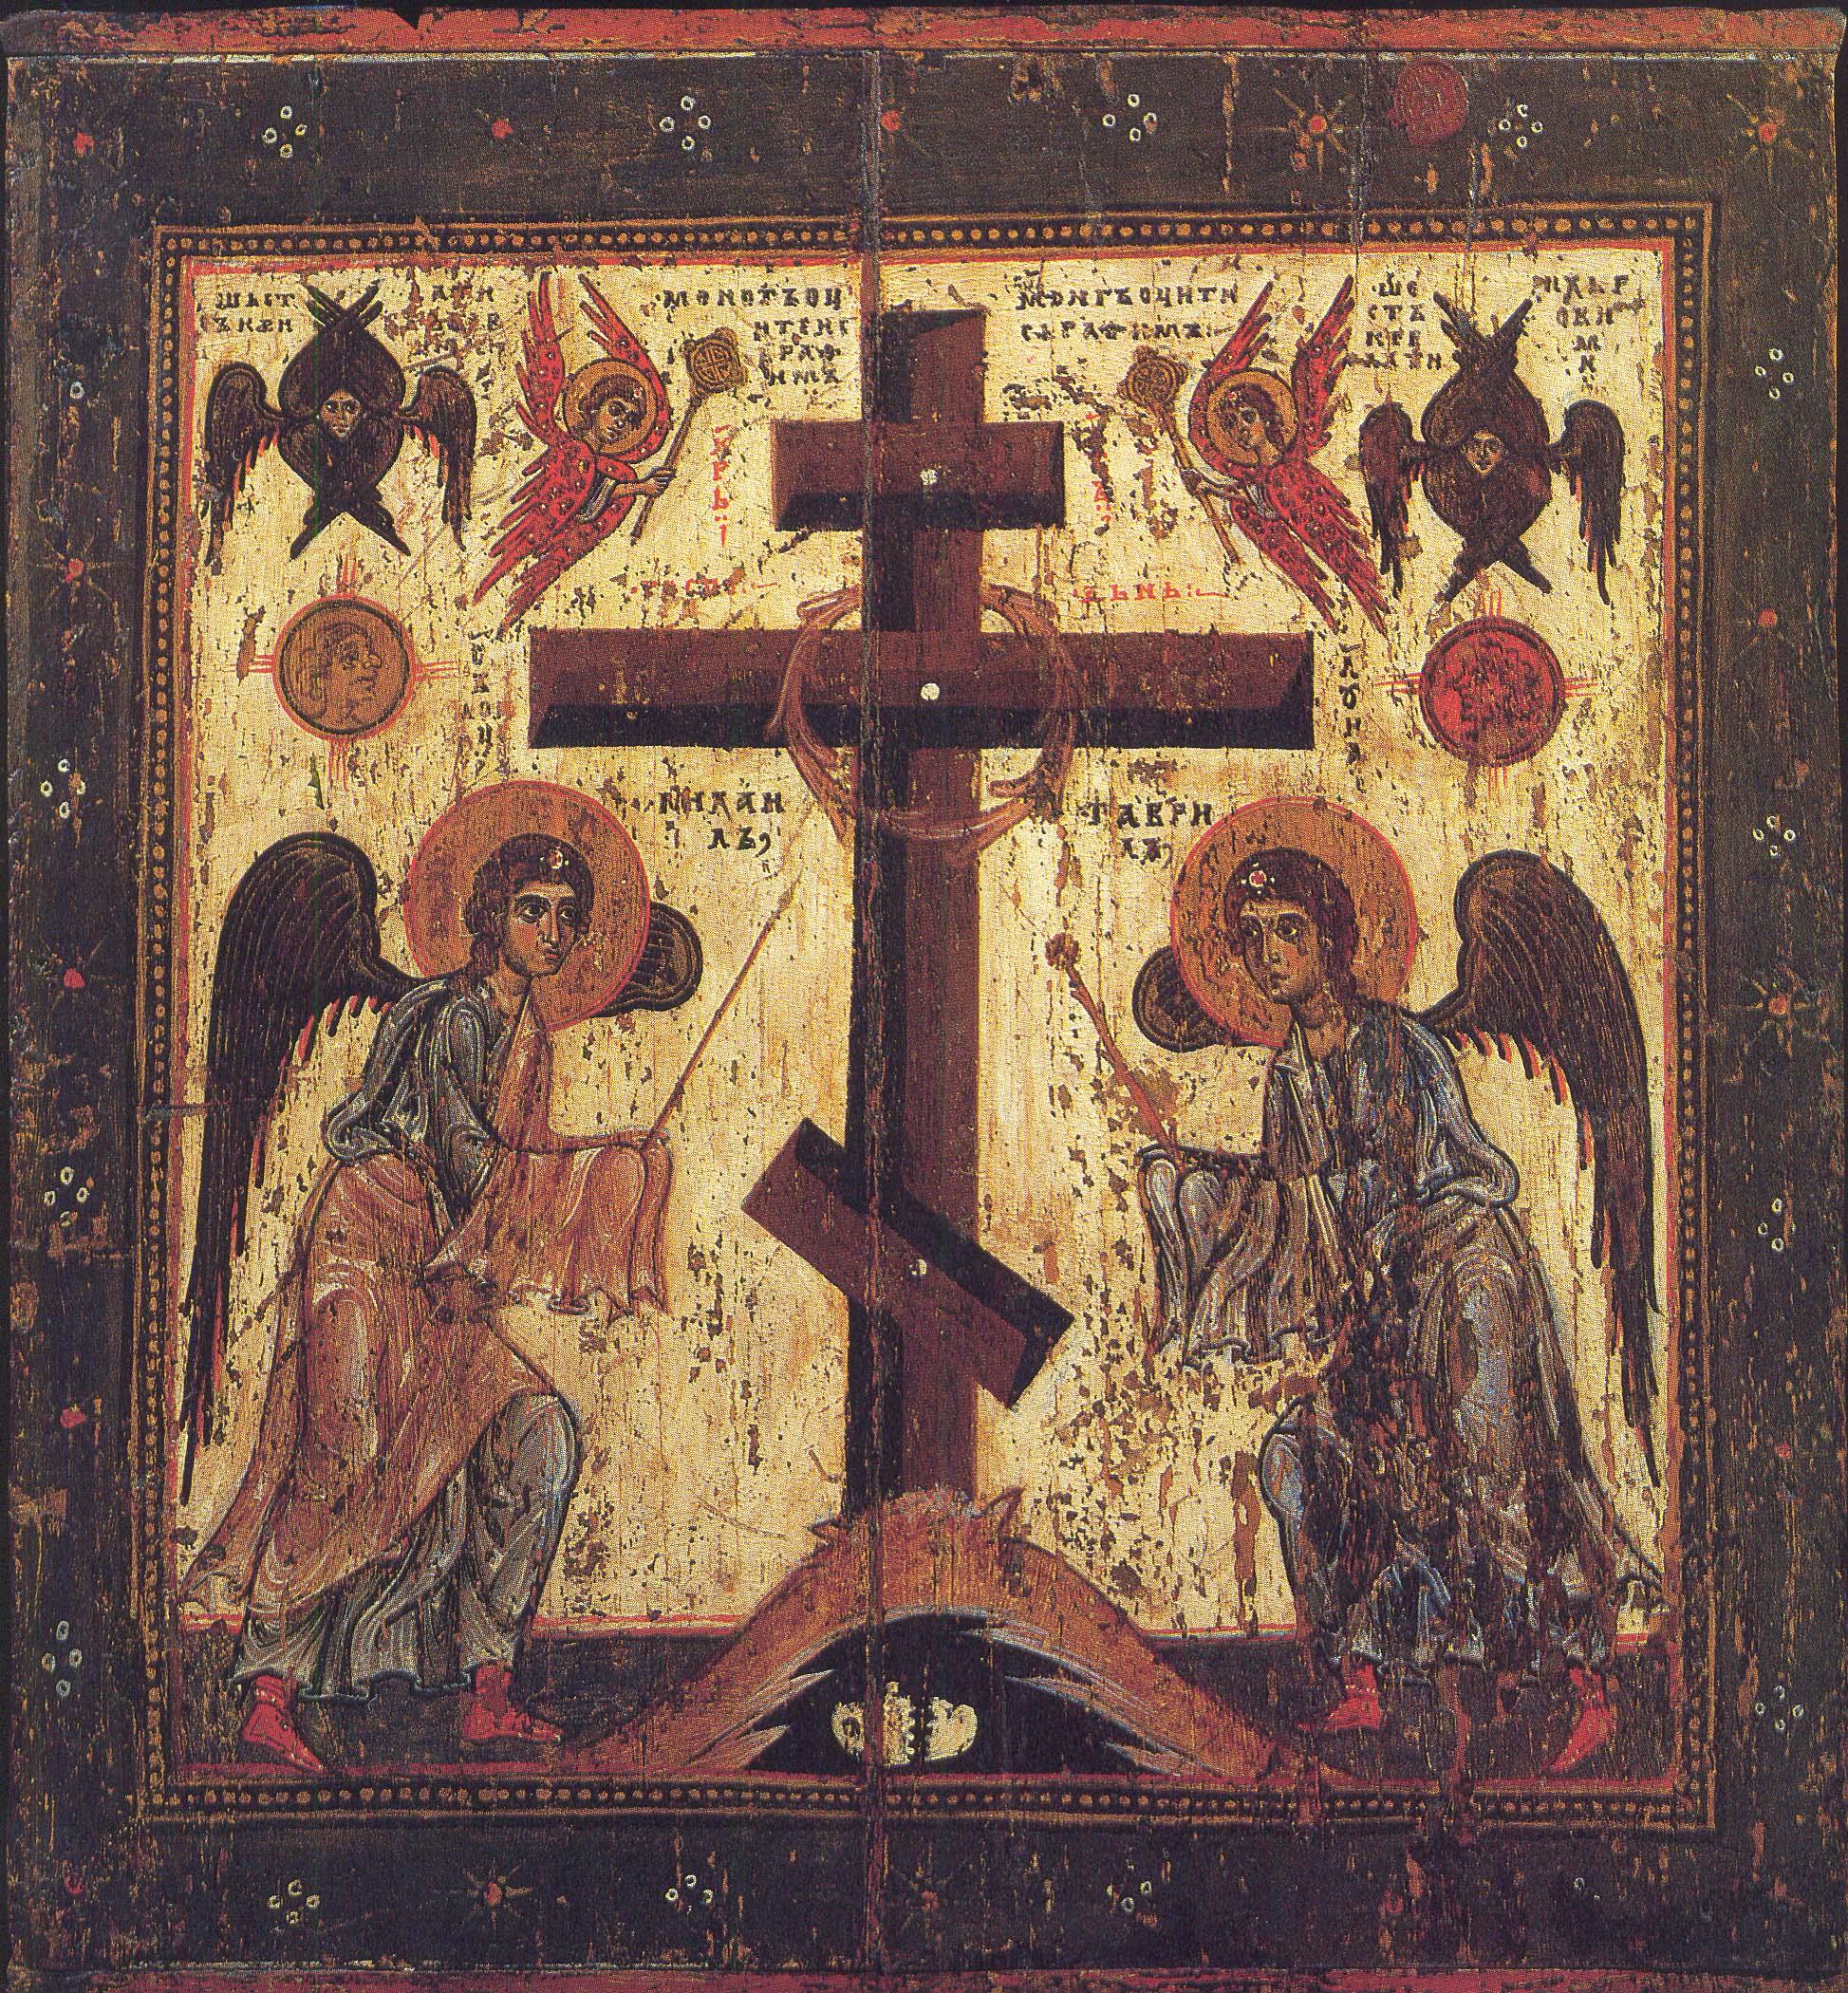 Η δόξα του σταυρού. Δεύτερο μισό 12ου αιώνα.